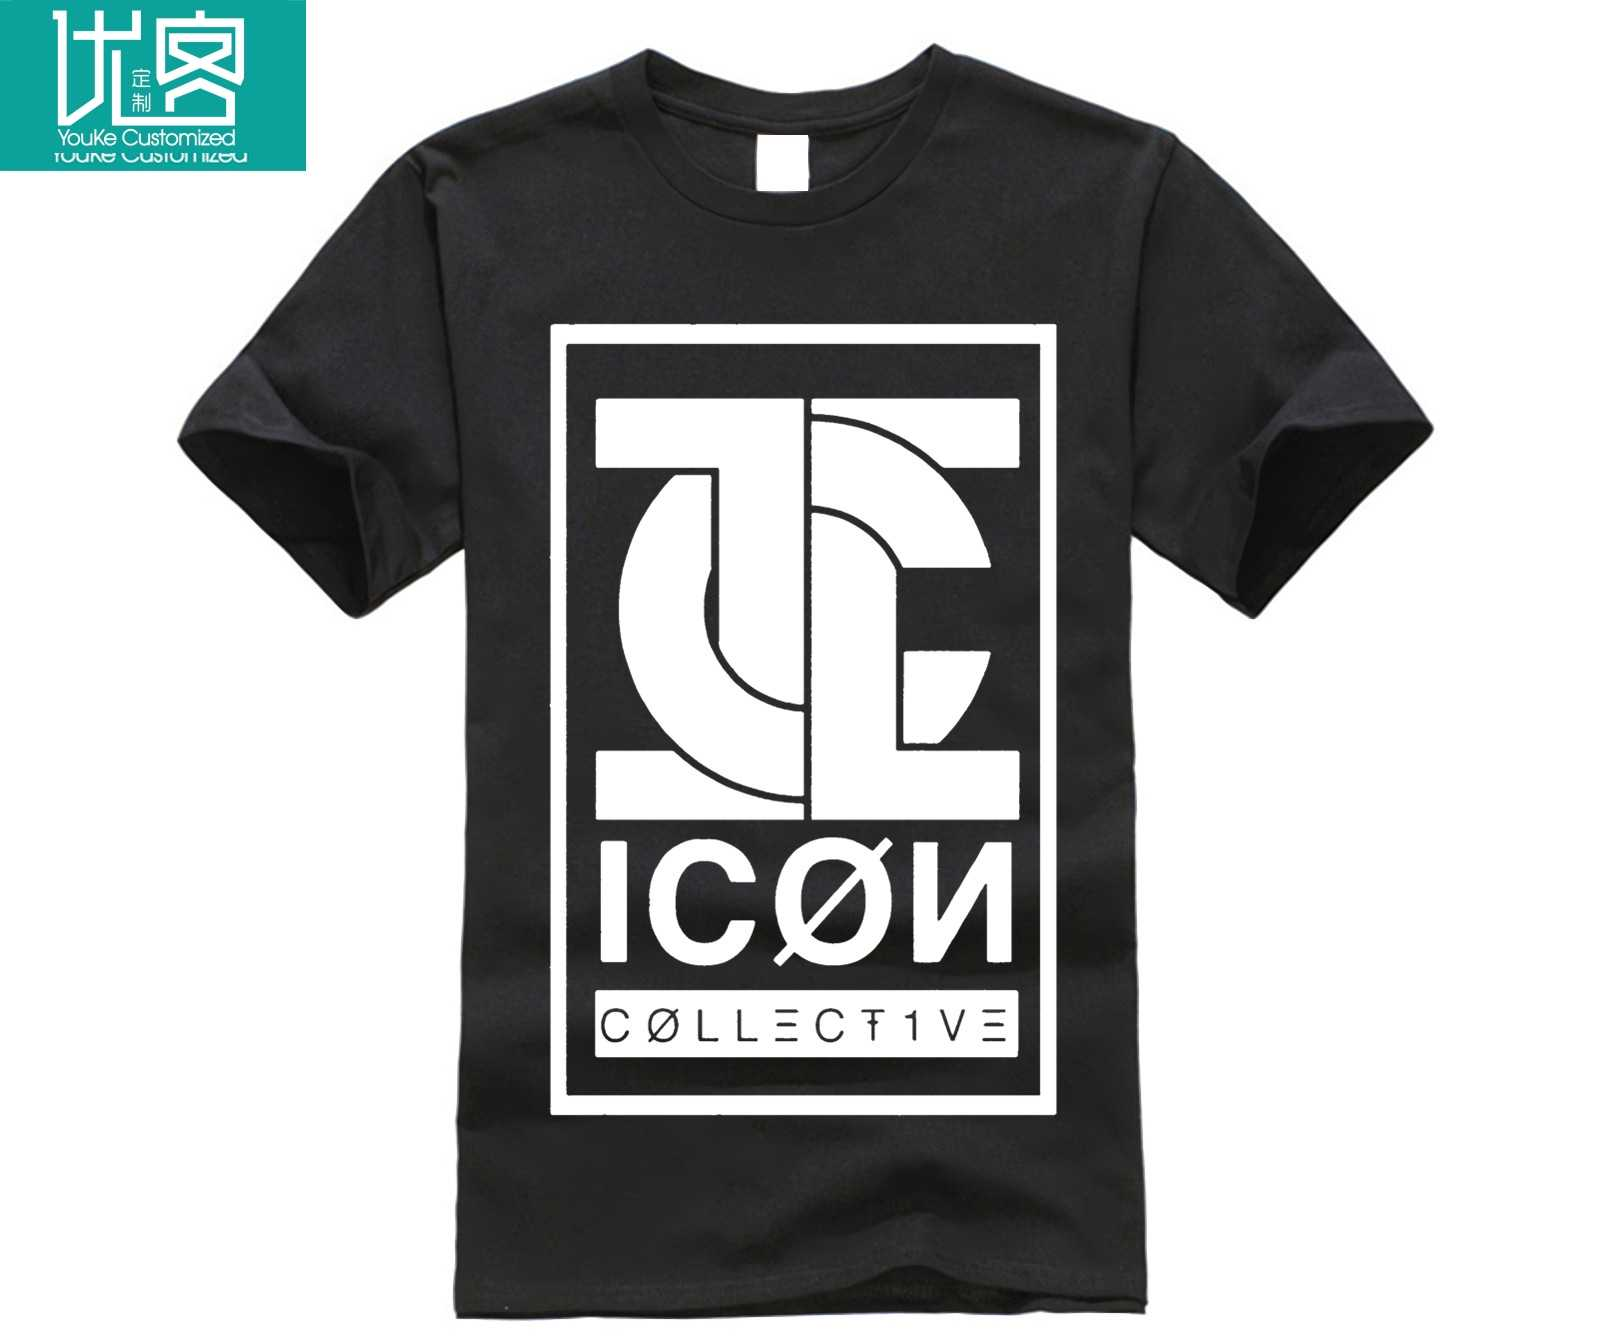 2019 мужская летняя футболка с надписью забавная новая дизельная футболка унисекс Мужская футболка с буквенным принтом Футболки